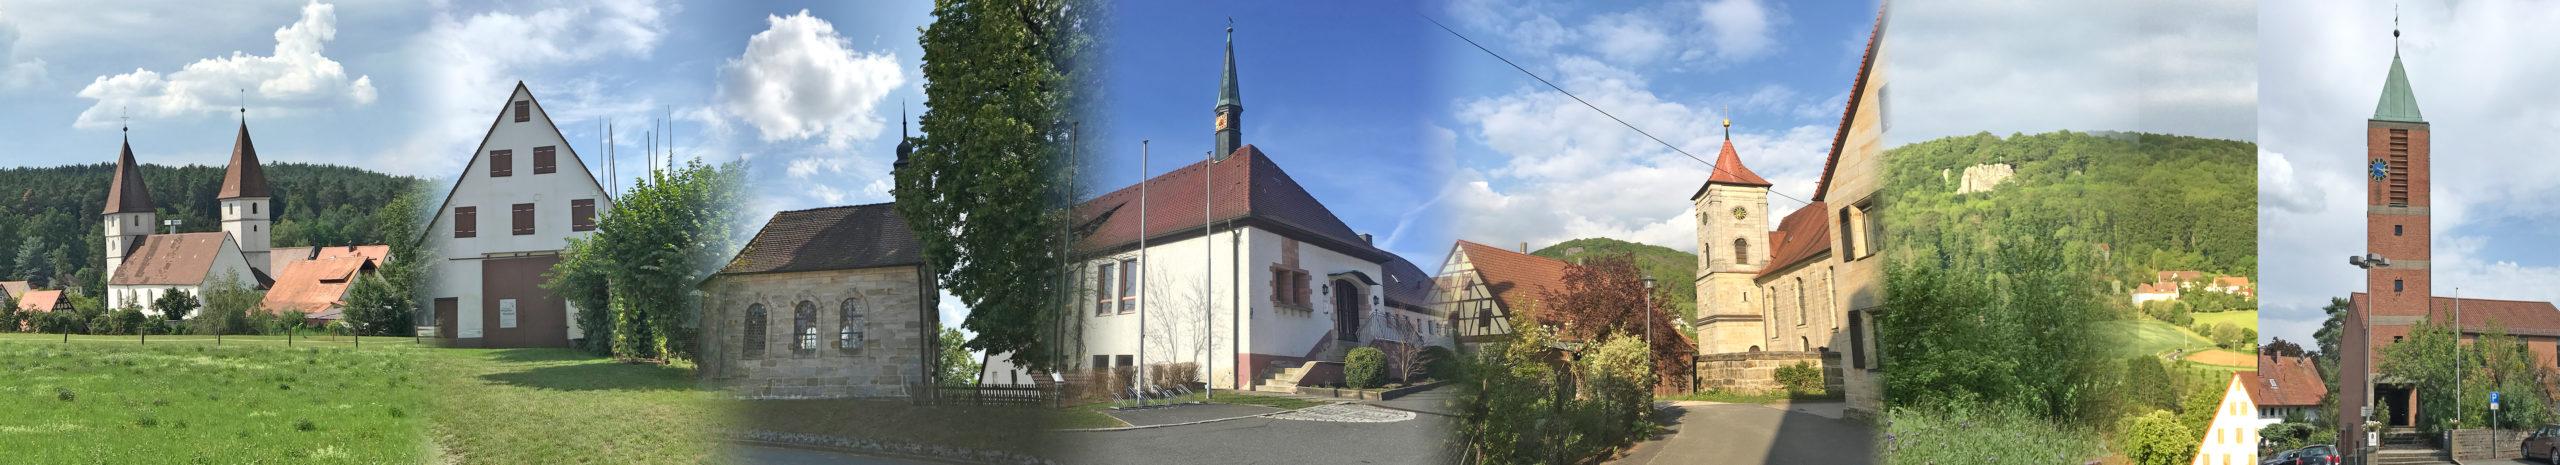 Alle Ortsteile von Neunkirche